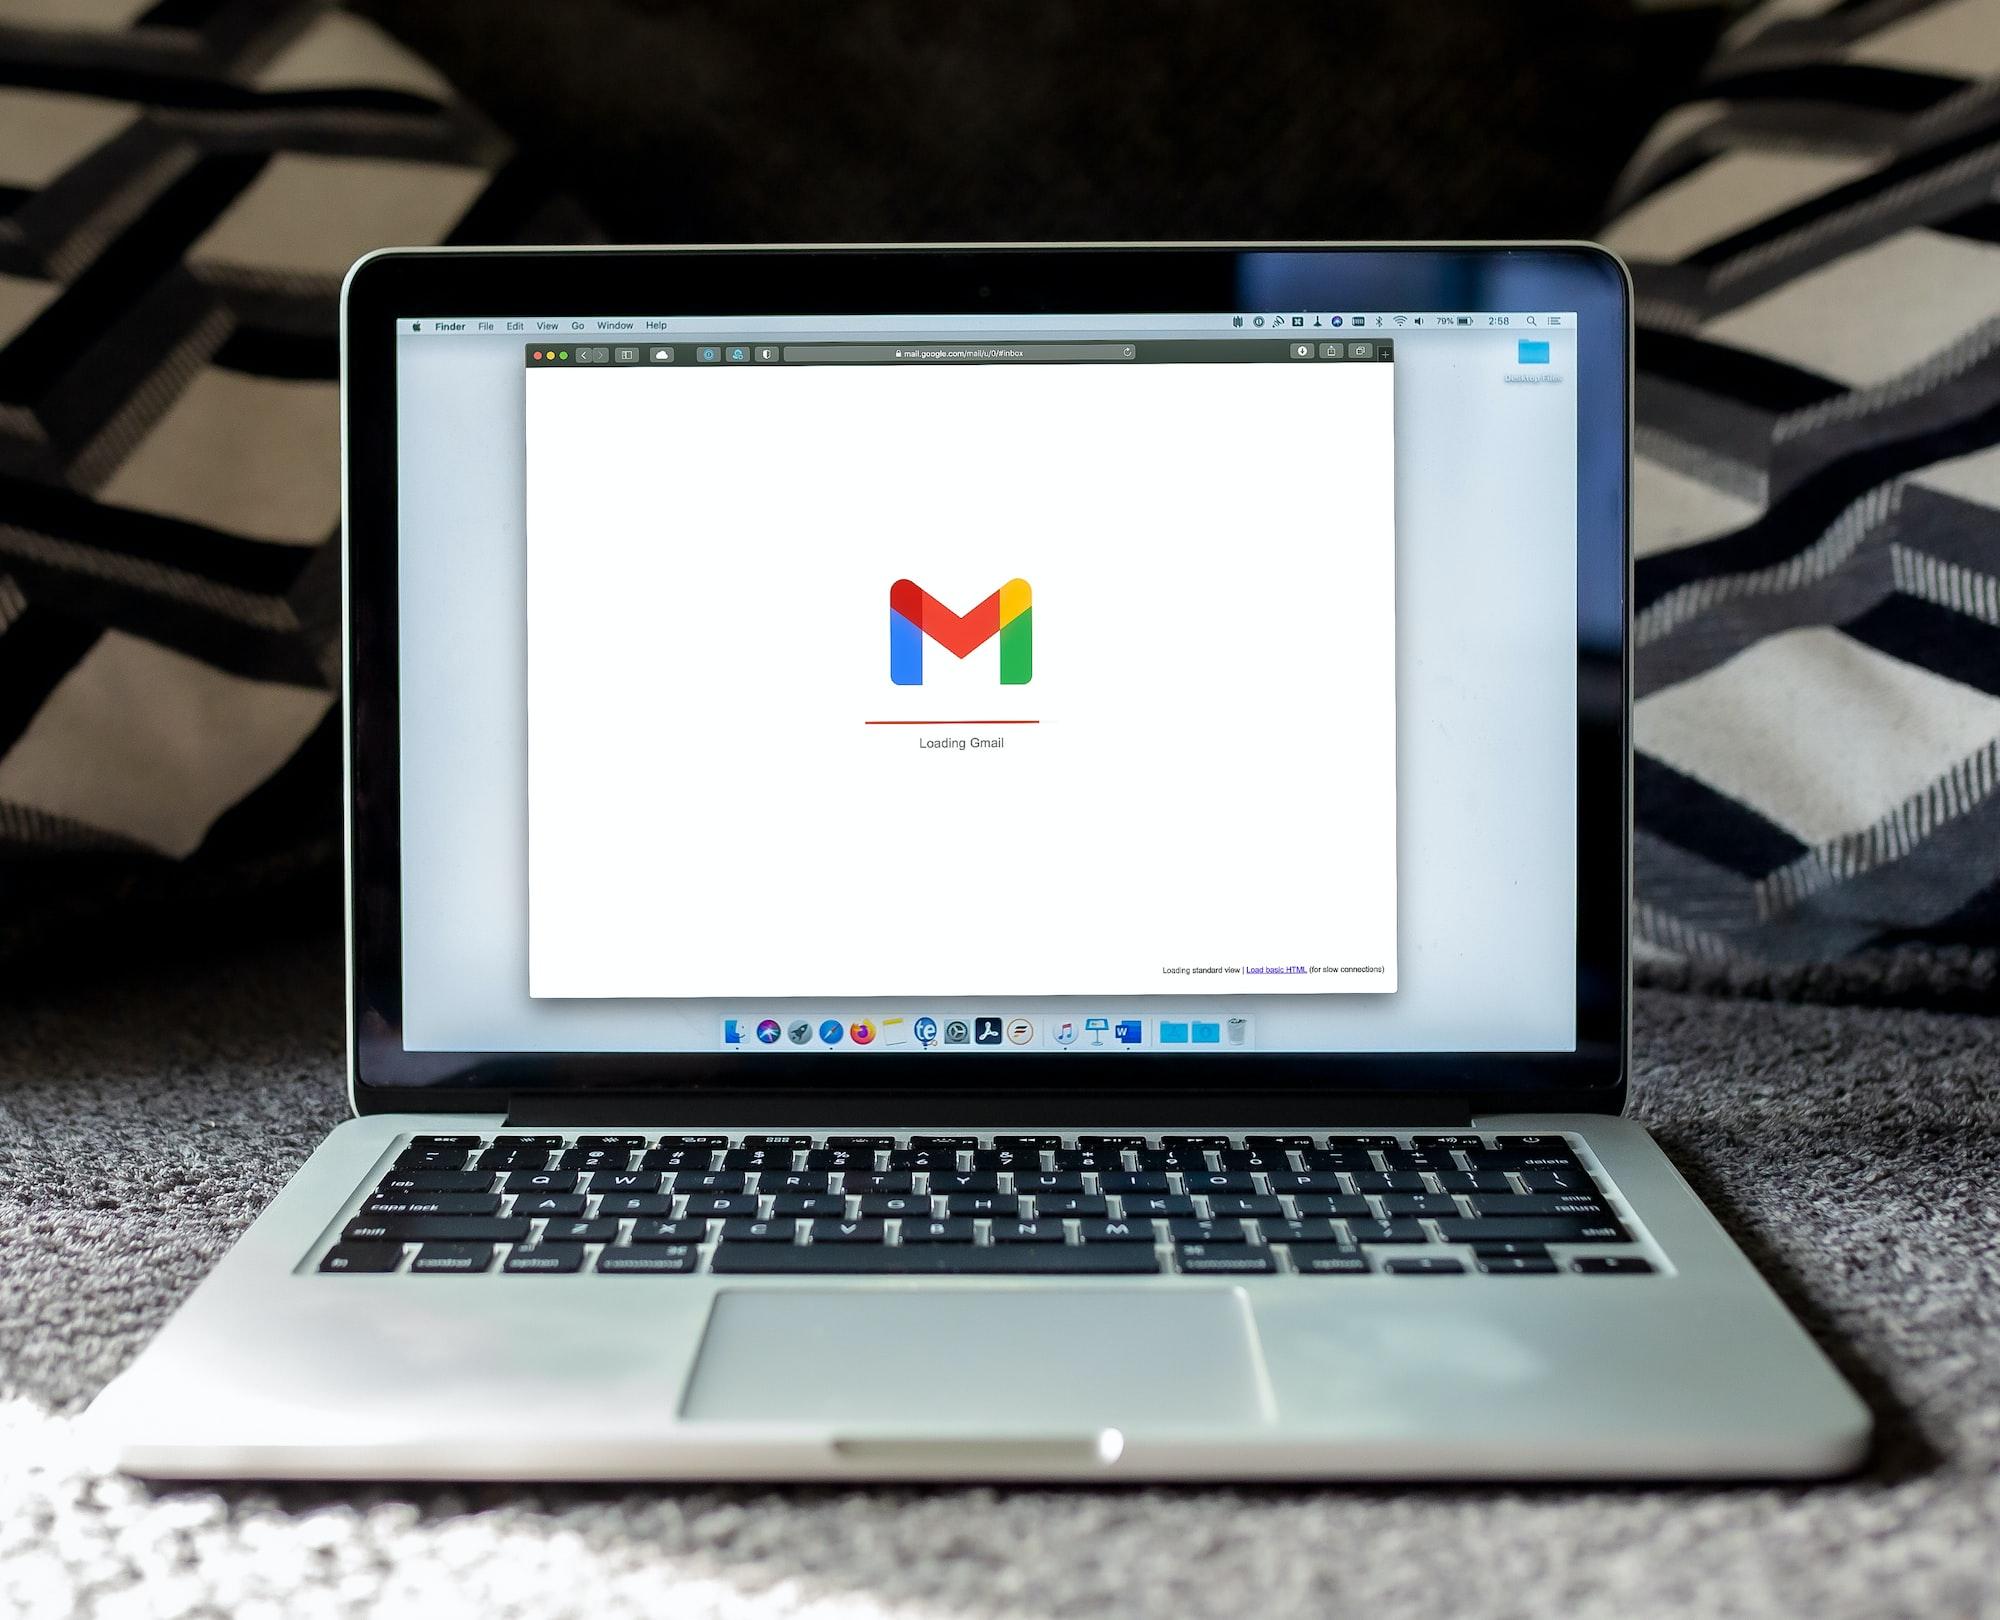 Обновите ваш браузер Chrome, чтобы устранить ещё одну уязвимость нулевого дня